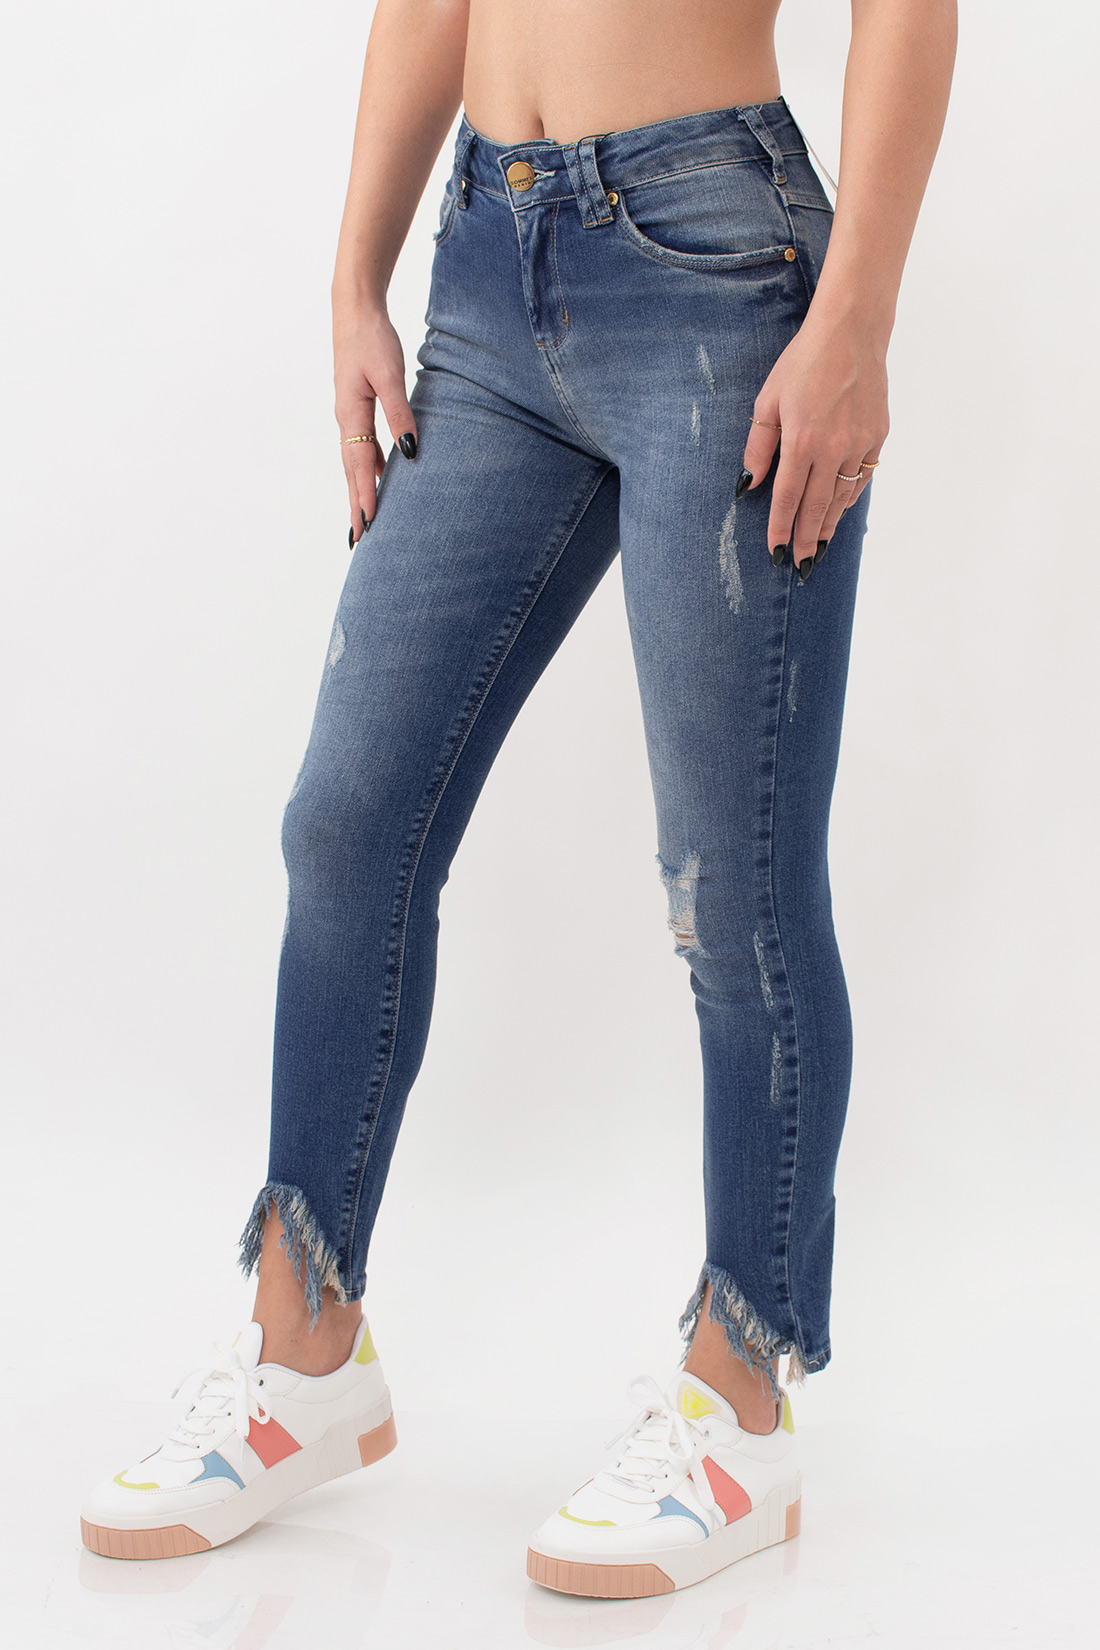 Calca Jeans Sommer Elis Cropped Barra Destroyed